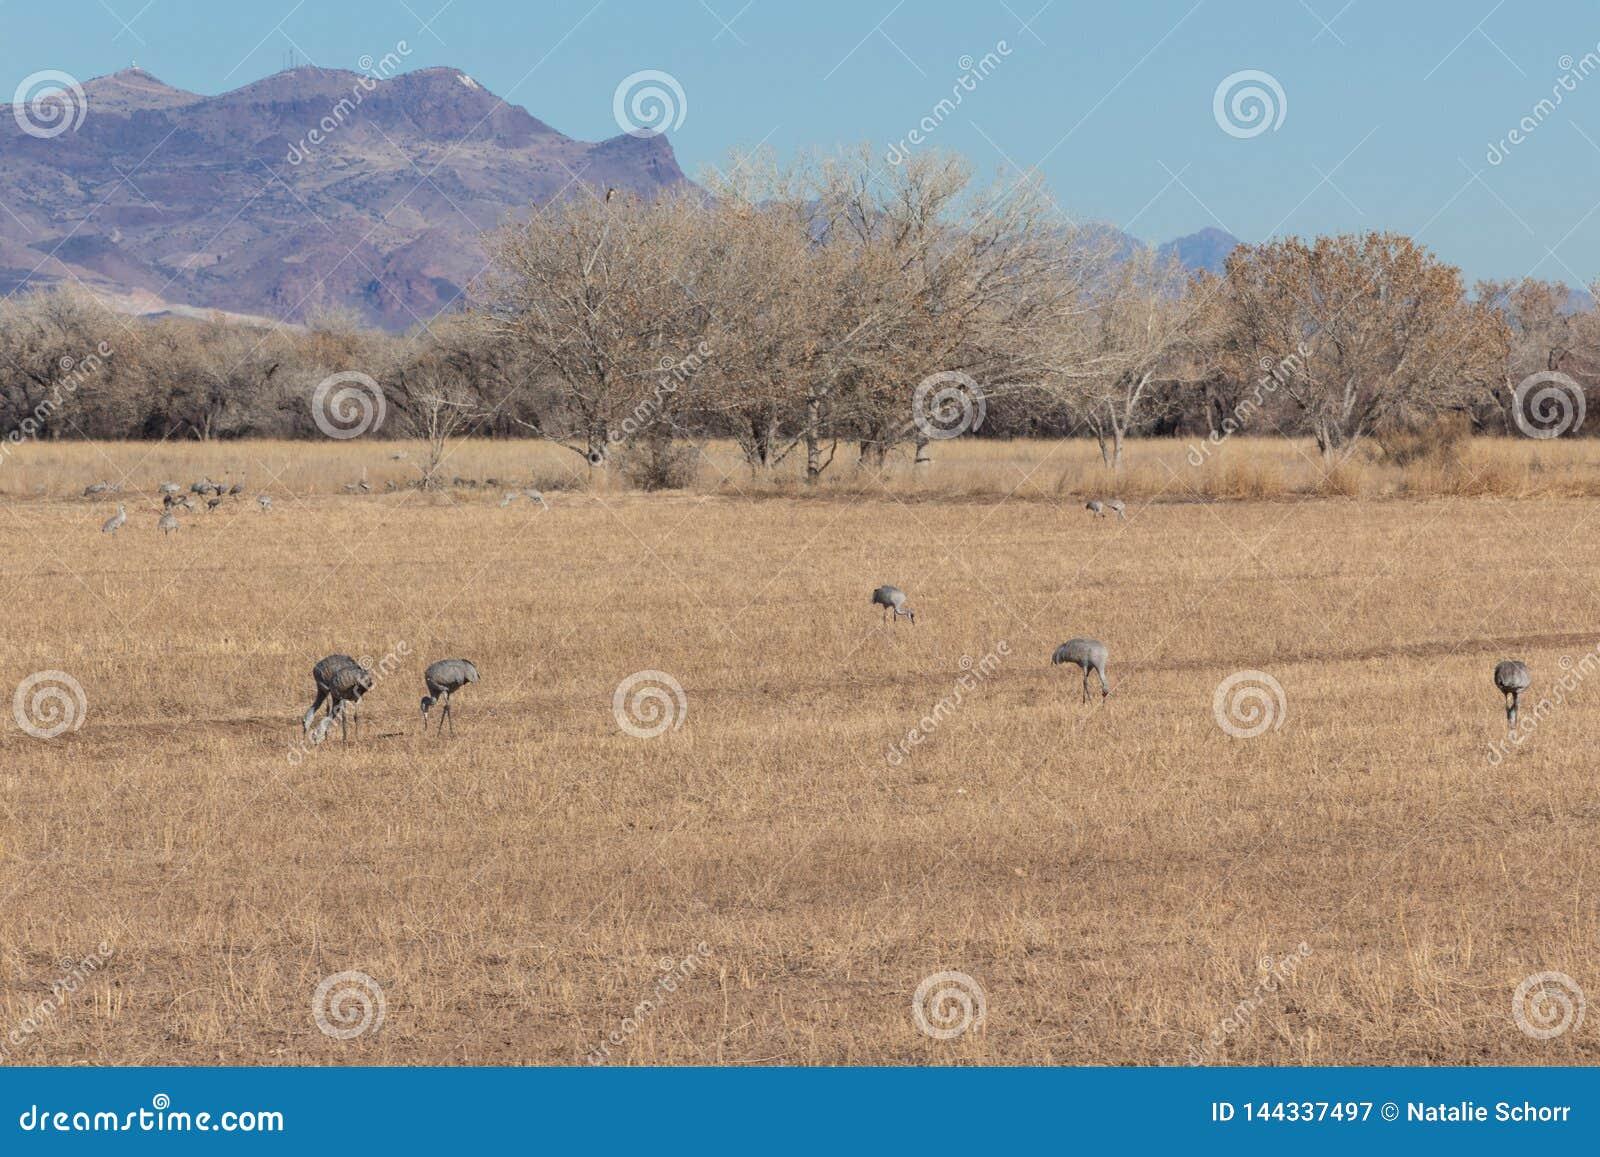 Bosque del Apache New Mexico, Sandhill cranes Antigone canadensis in open fields in winter